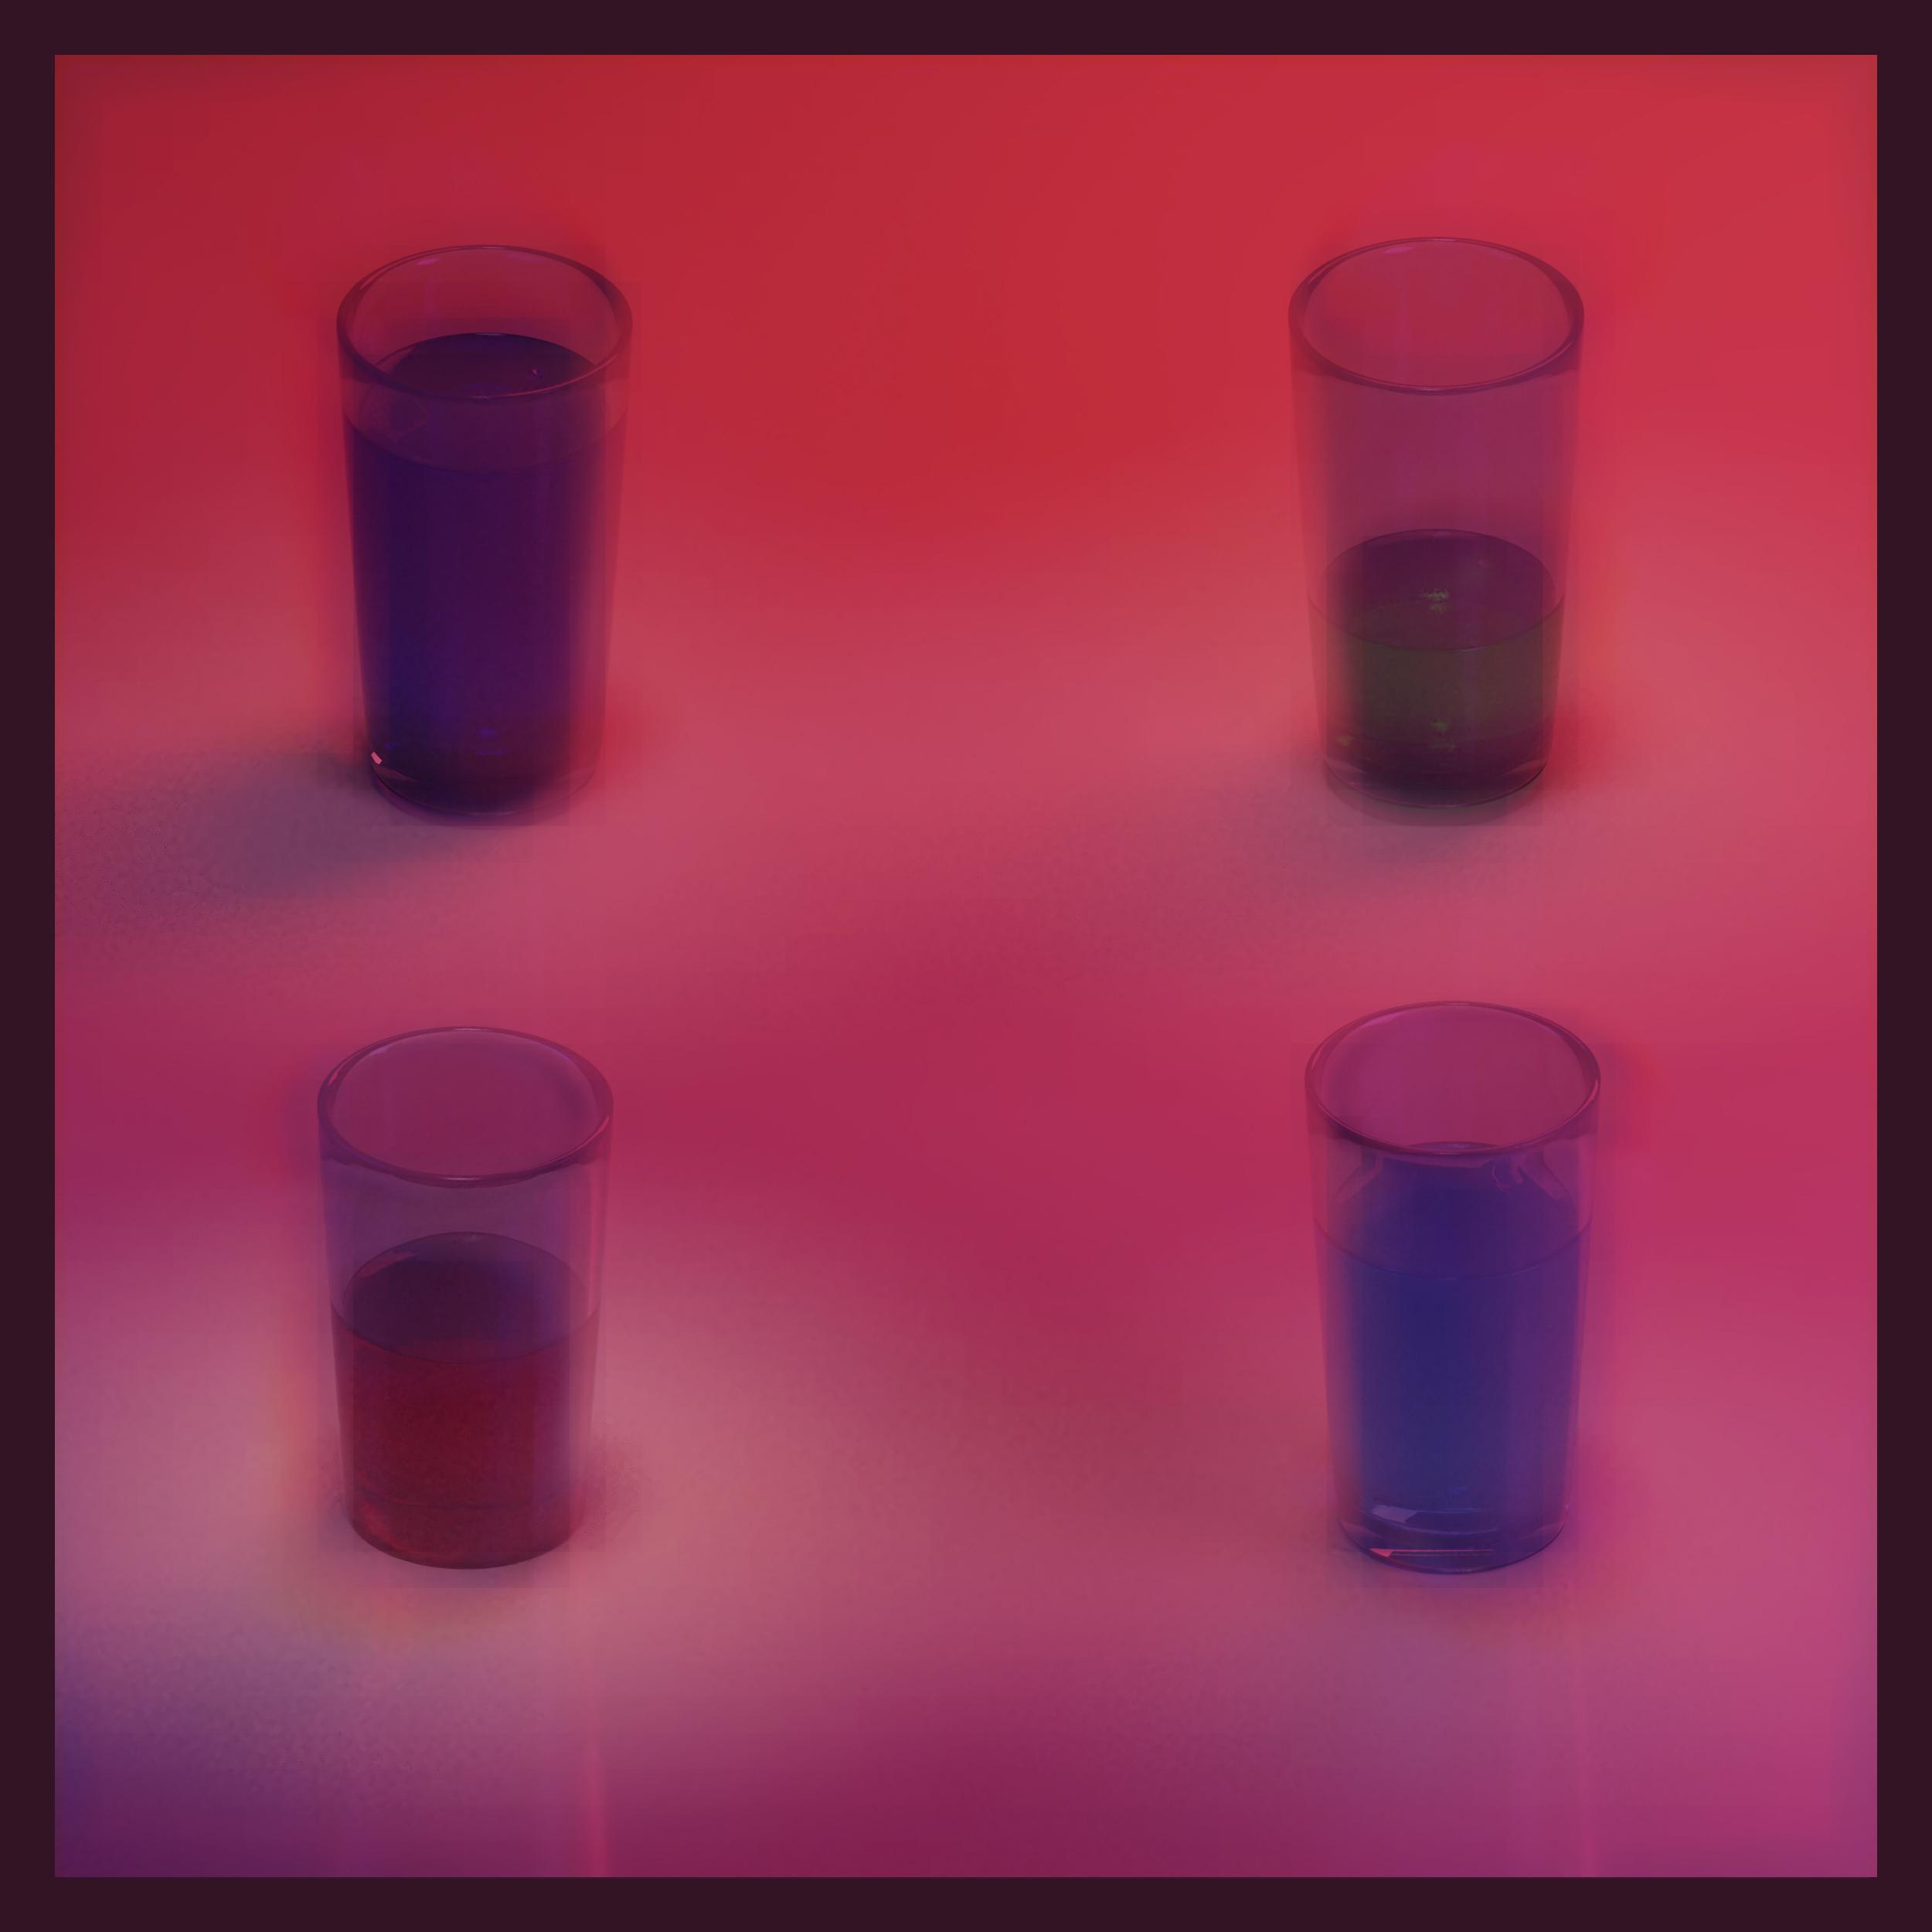 Gamerjuice0 album art